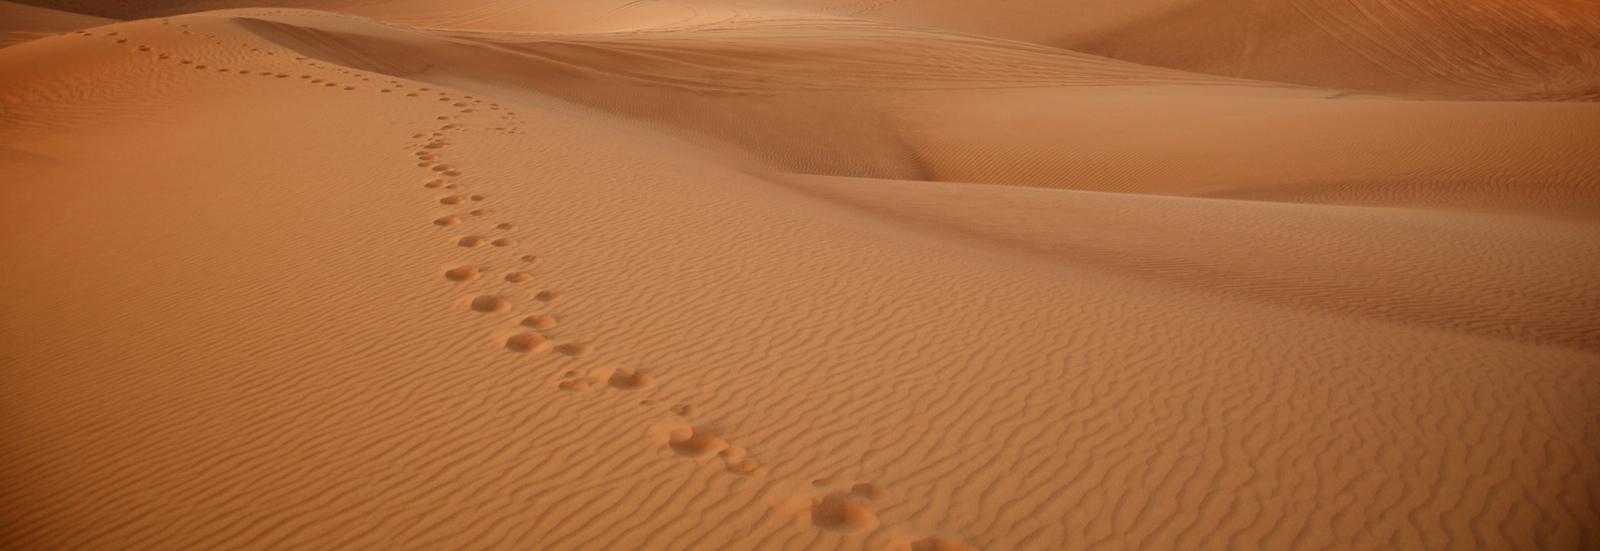 UAE 140.jpg